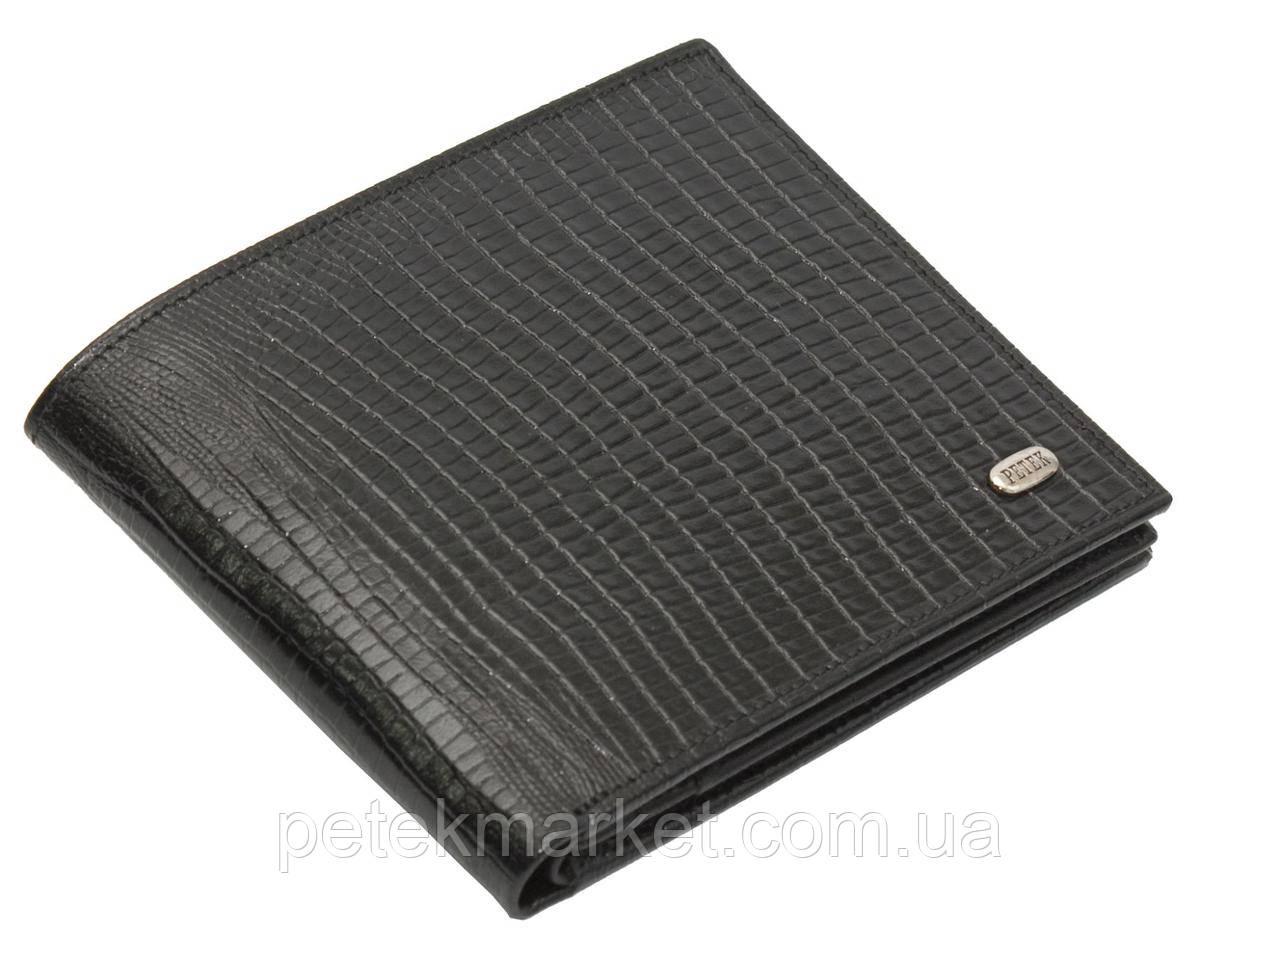 Кожаное мужское портмоне Petek 182-041-01